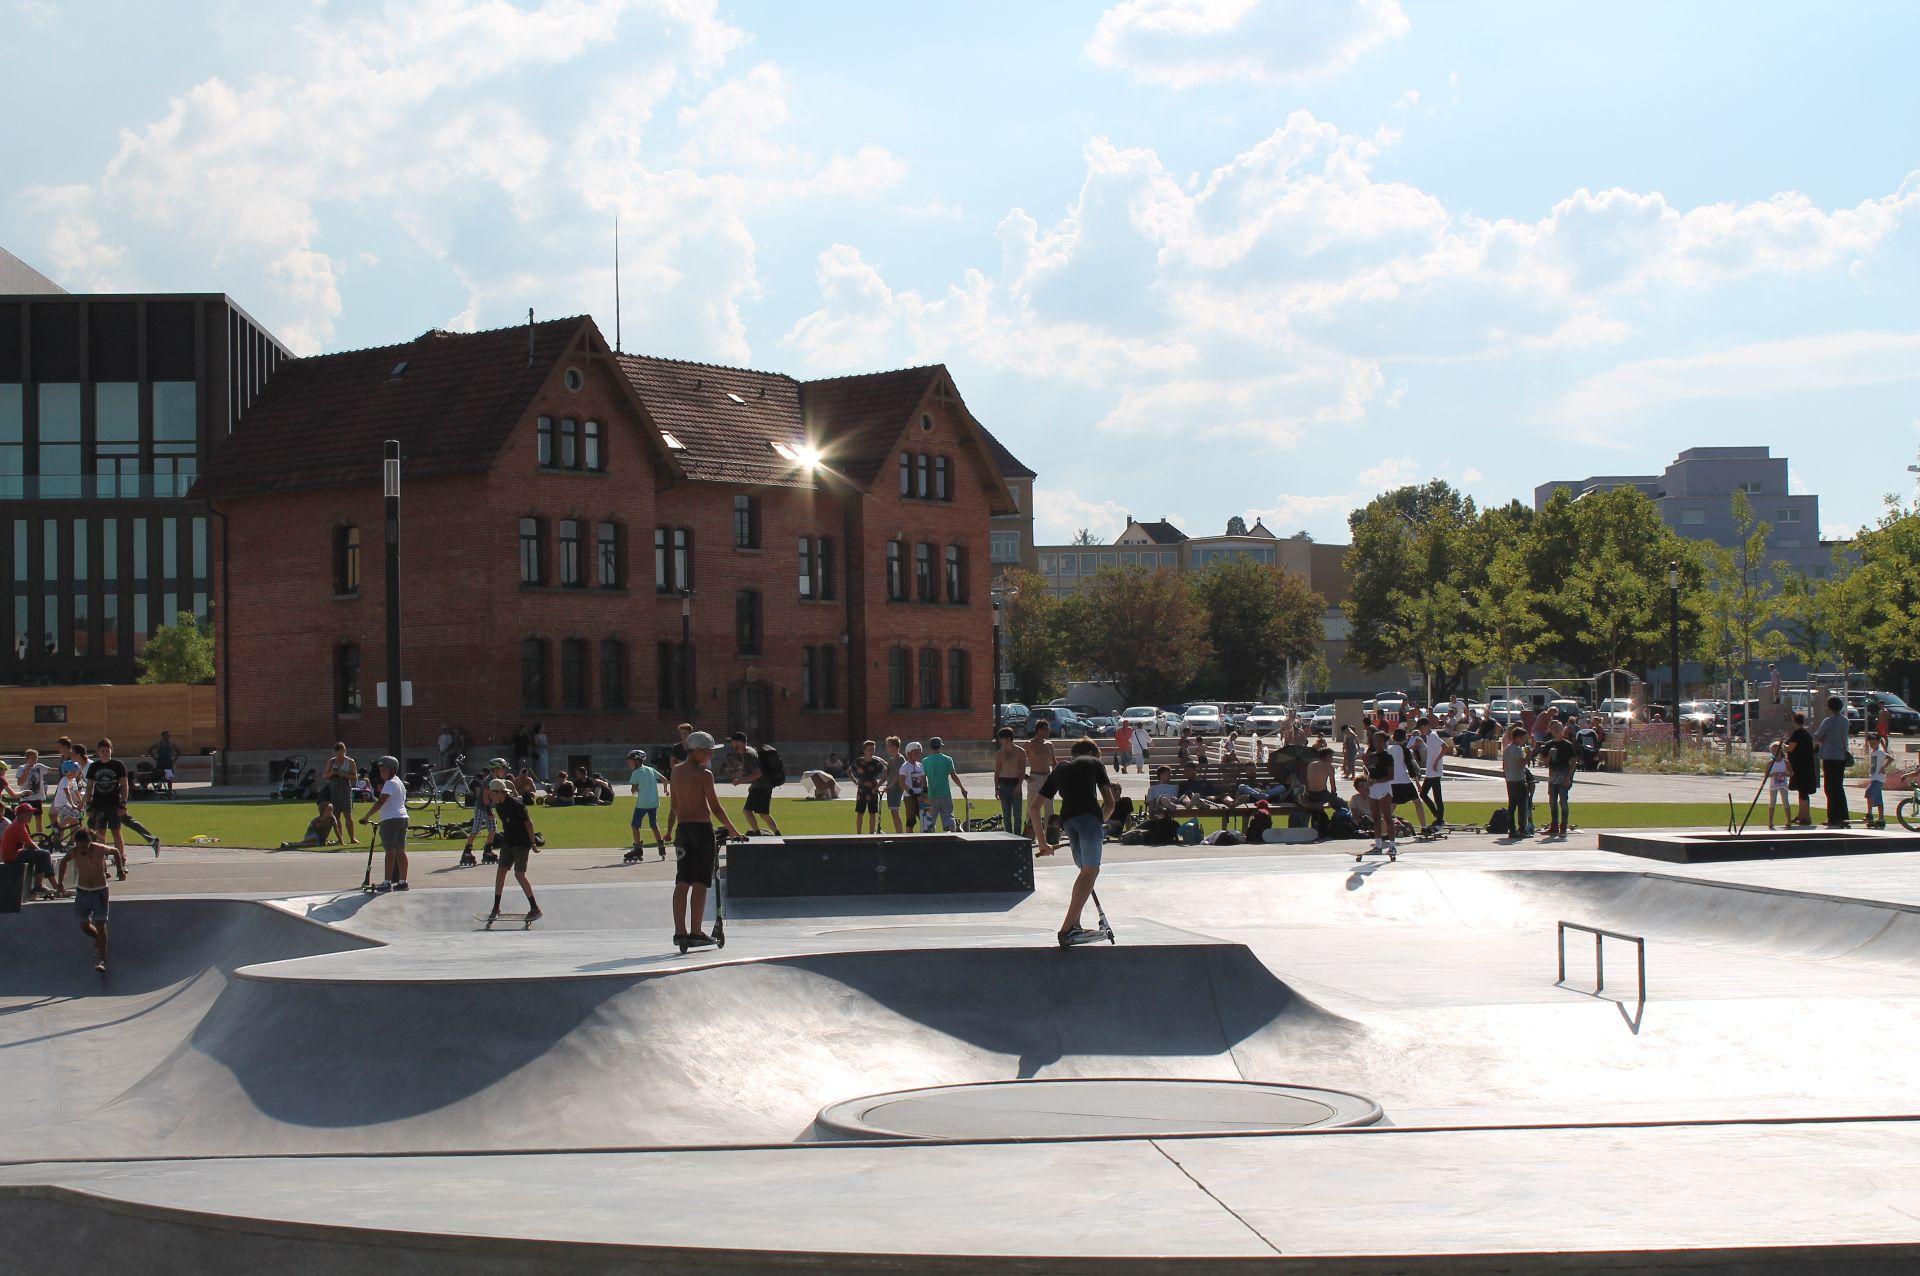 Blick auf die Skateanlage im Bürgerpark